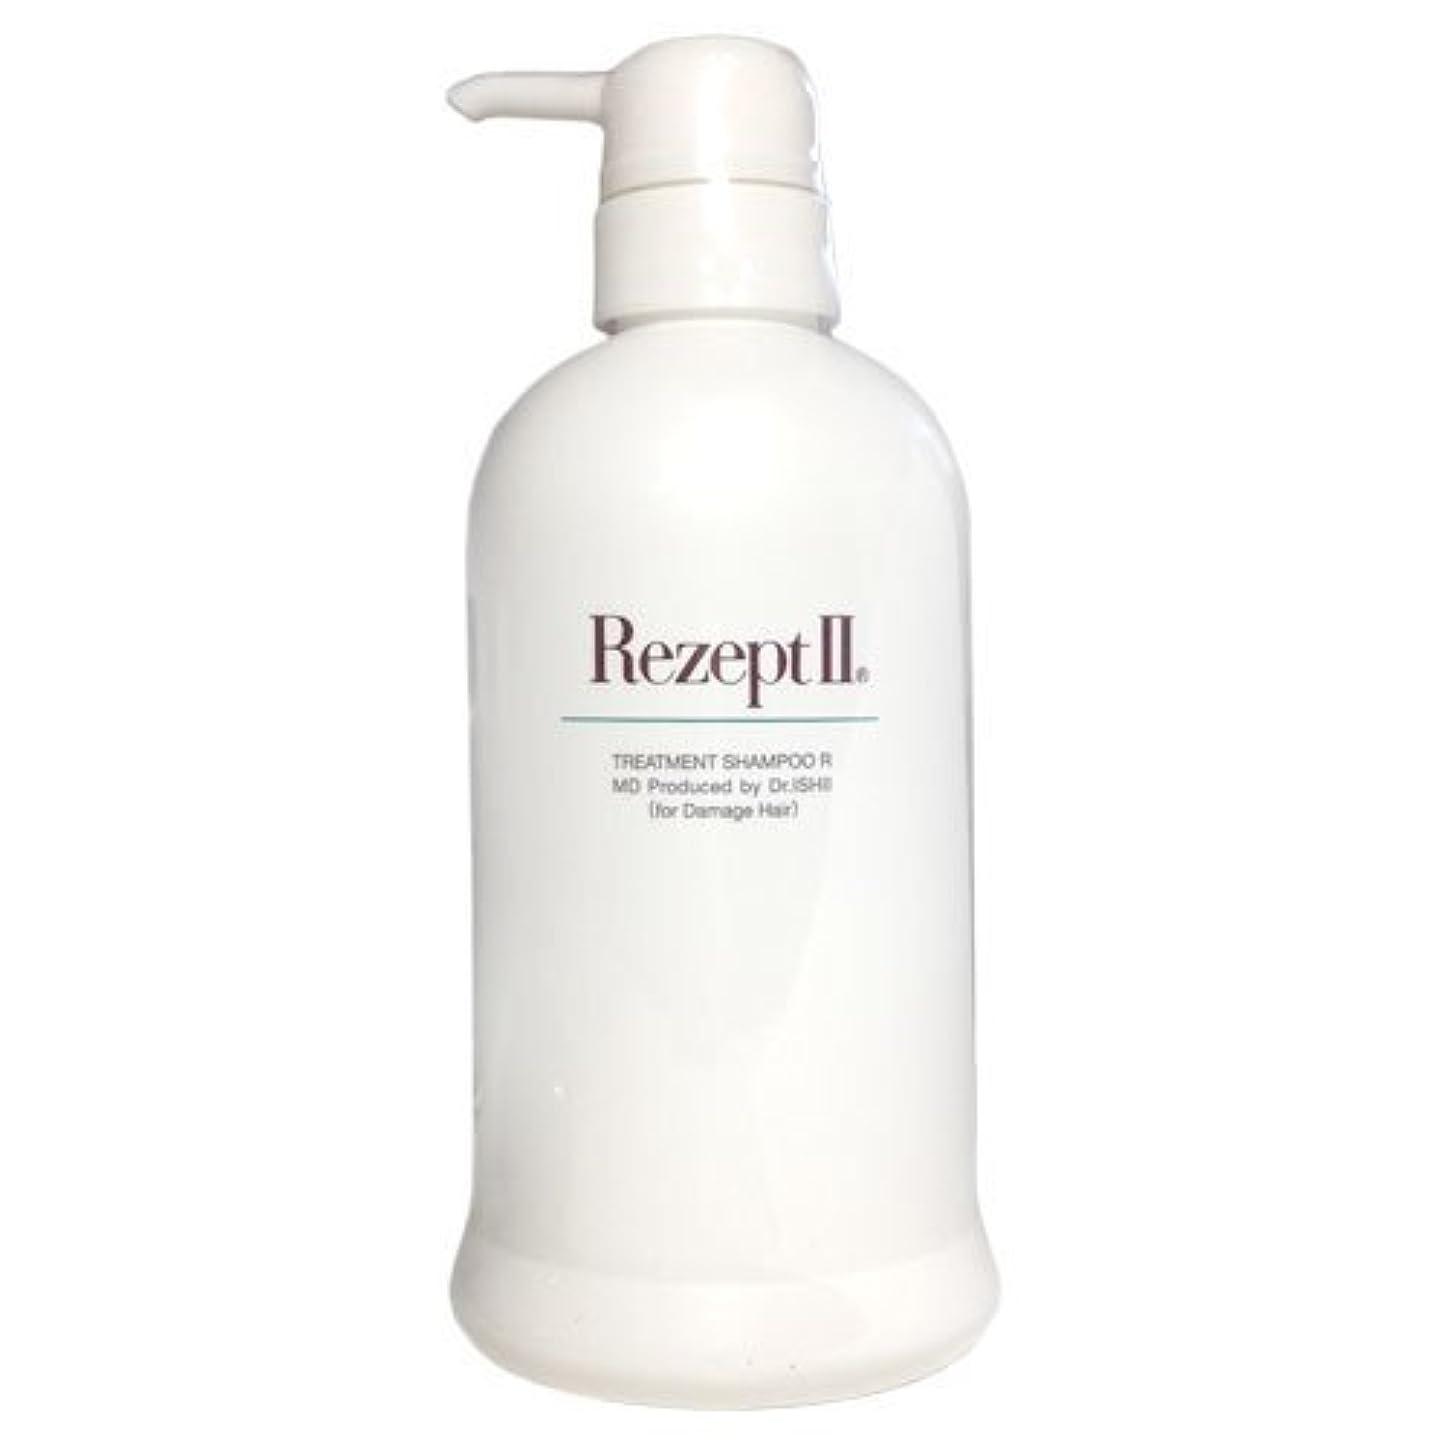 感謝土砂降り基準MD化粧品 レセプト2 トリートメントシャンプーR 500ml(ダメージヘア用)